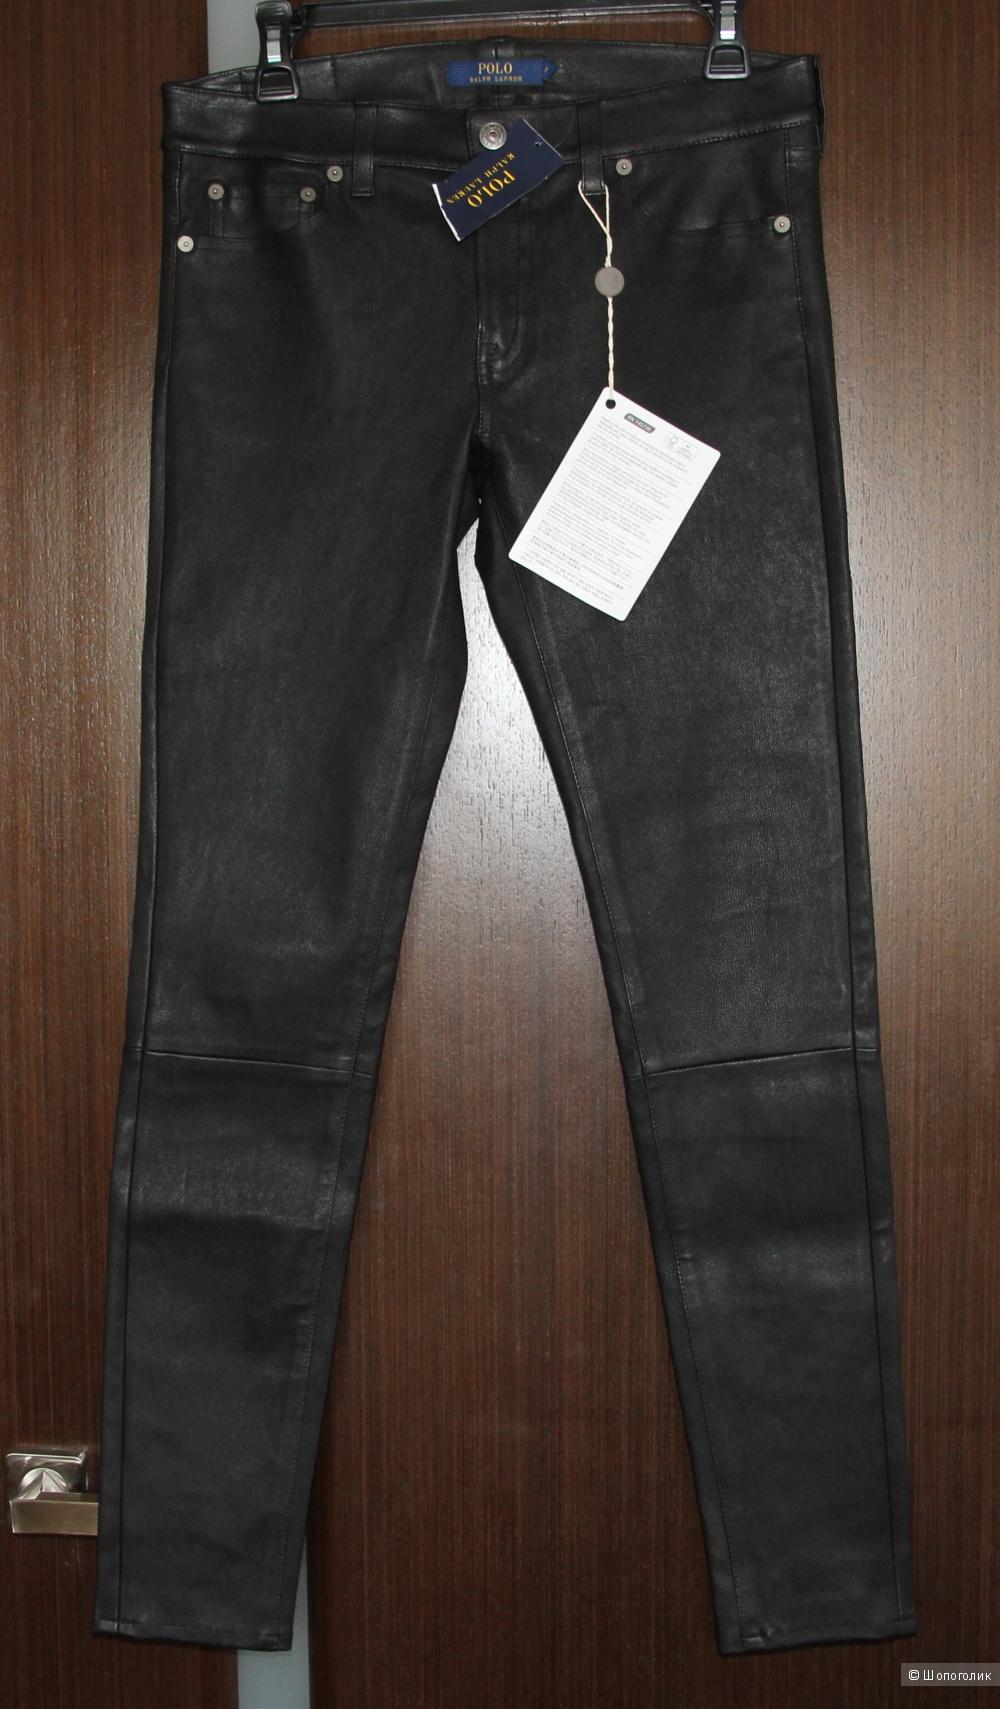 Кожаные брюки Polo Ralph Lauren, 8US